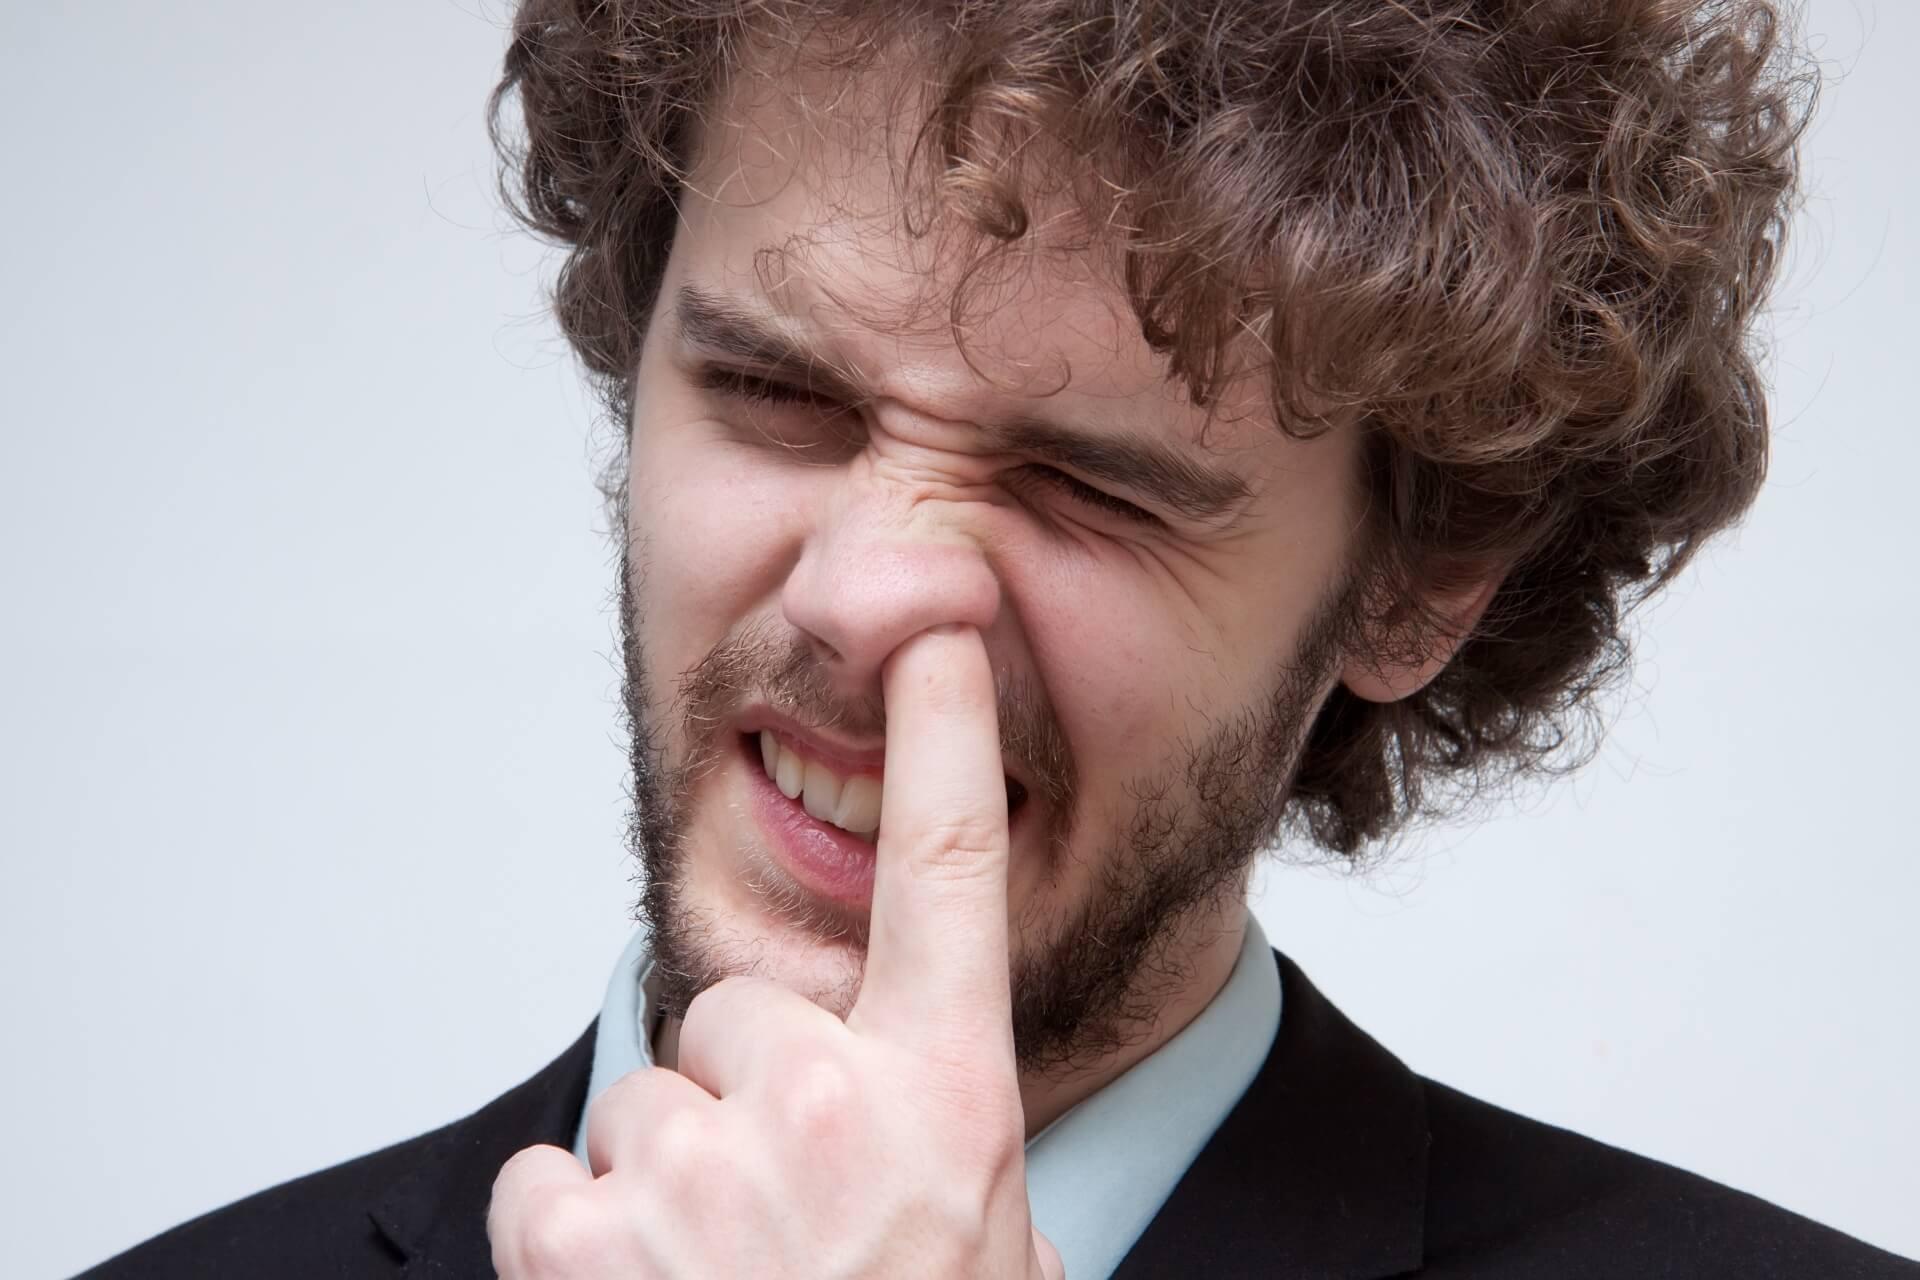 為什麼愛說謊?冰箱小偷才第十 最討人厭室友行徑大公開